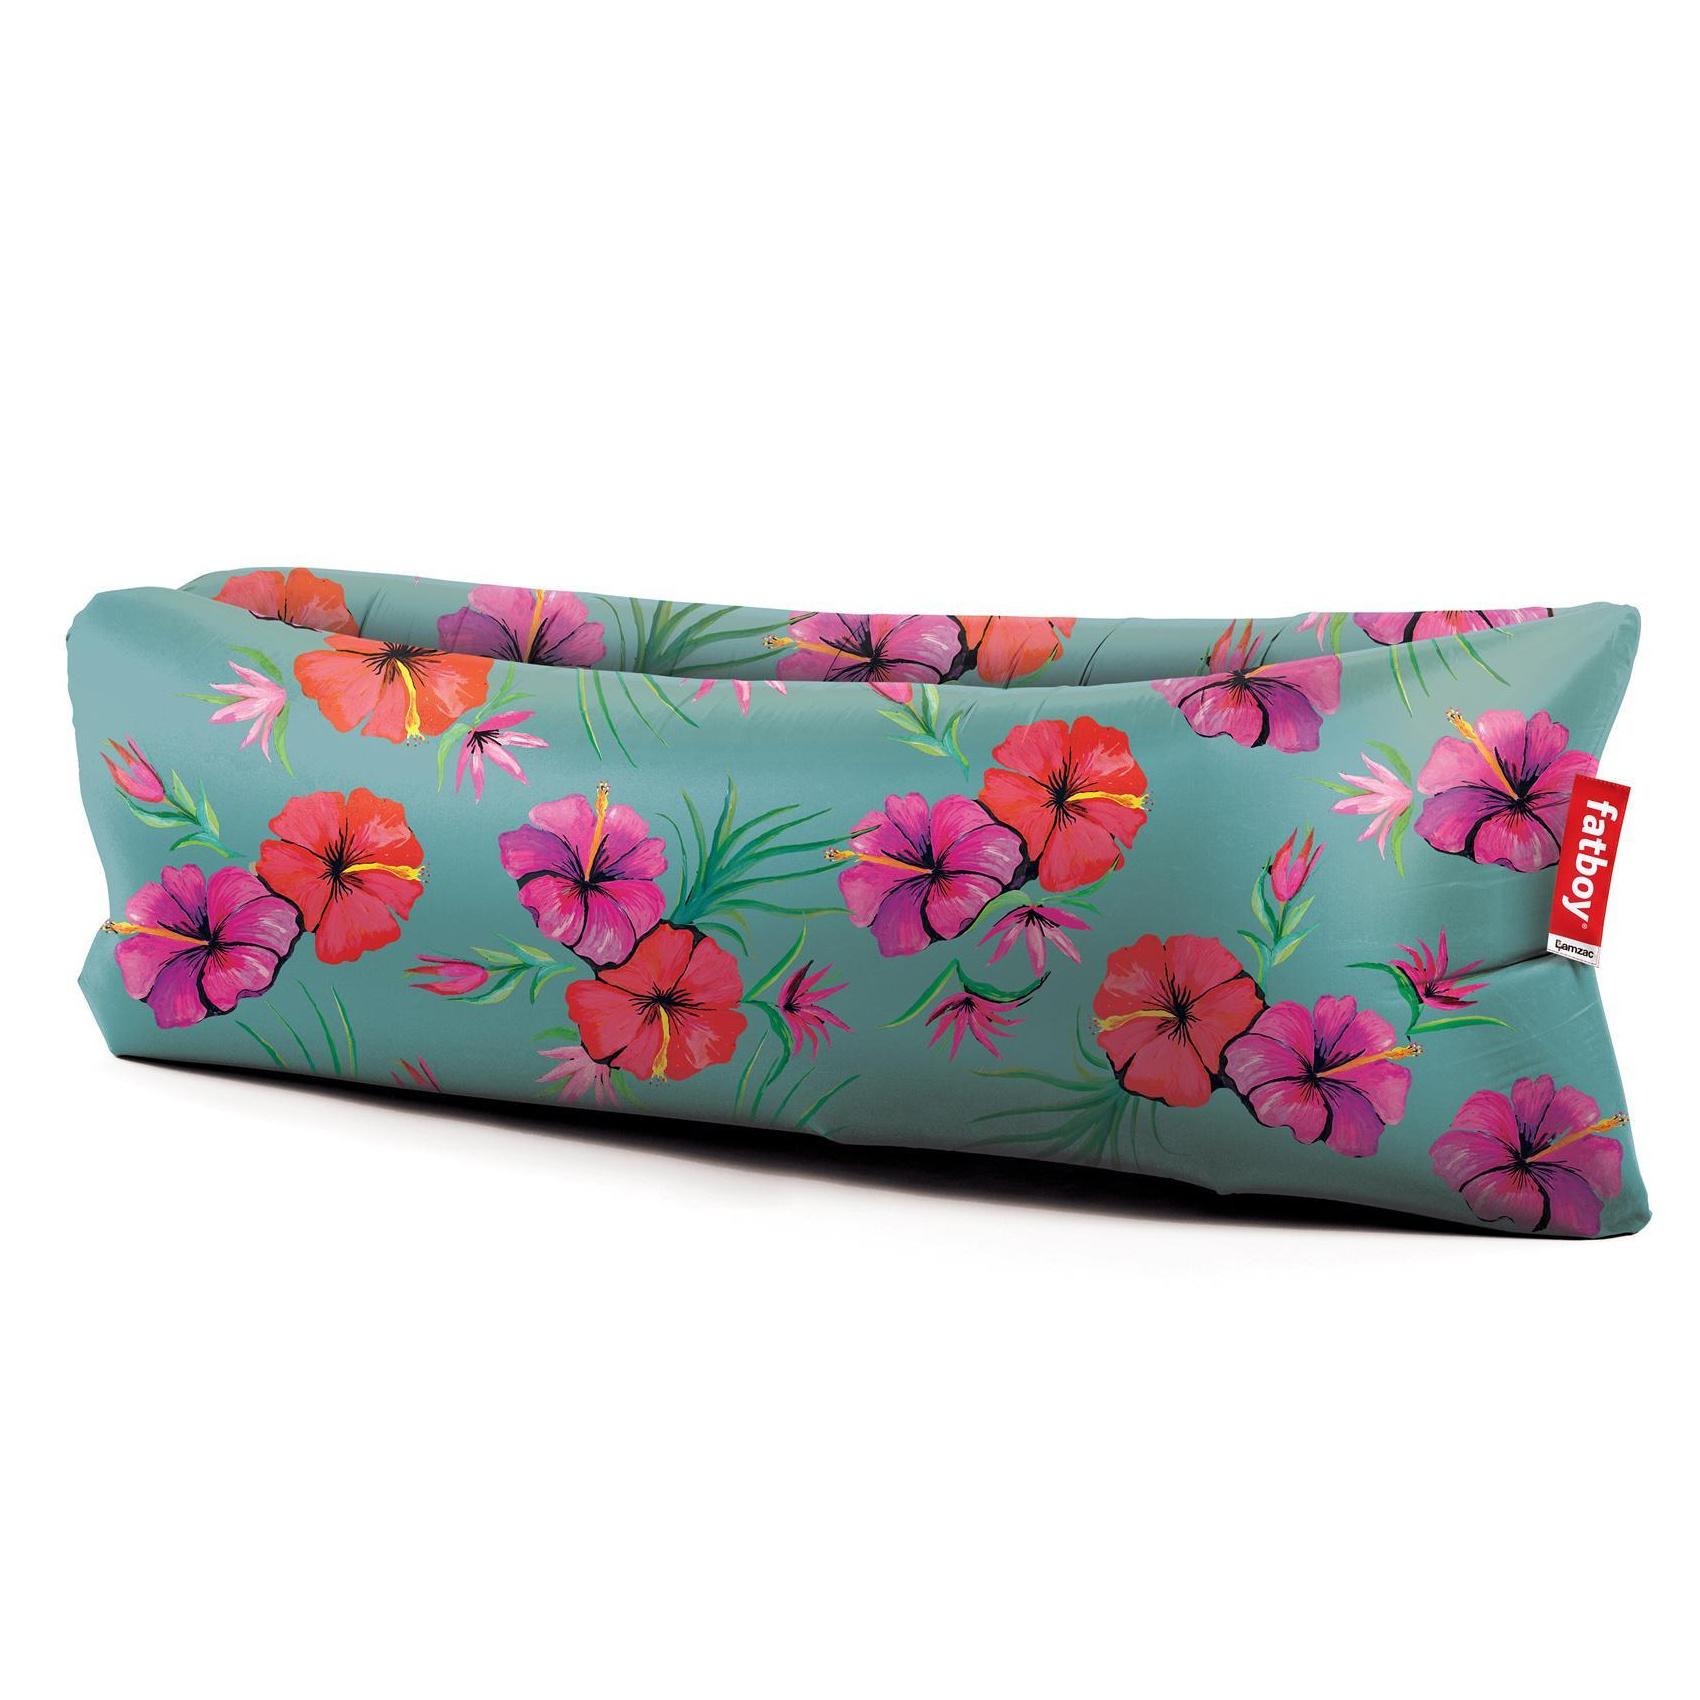 Fatboy - Lamzac the Original - Outdoor sofa 2.0 - bleu hawaii/nylon/LxPxH 200x50x90cm/gonflé en quelques secondes